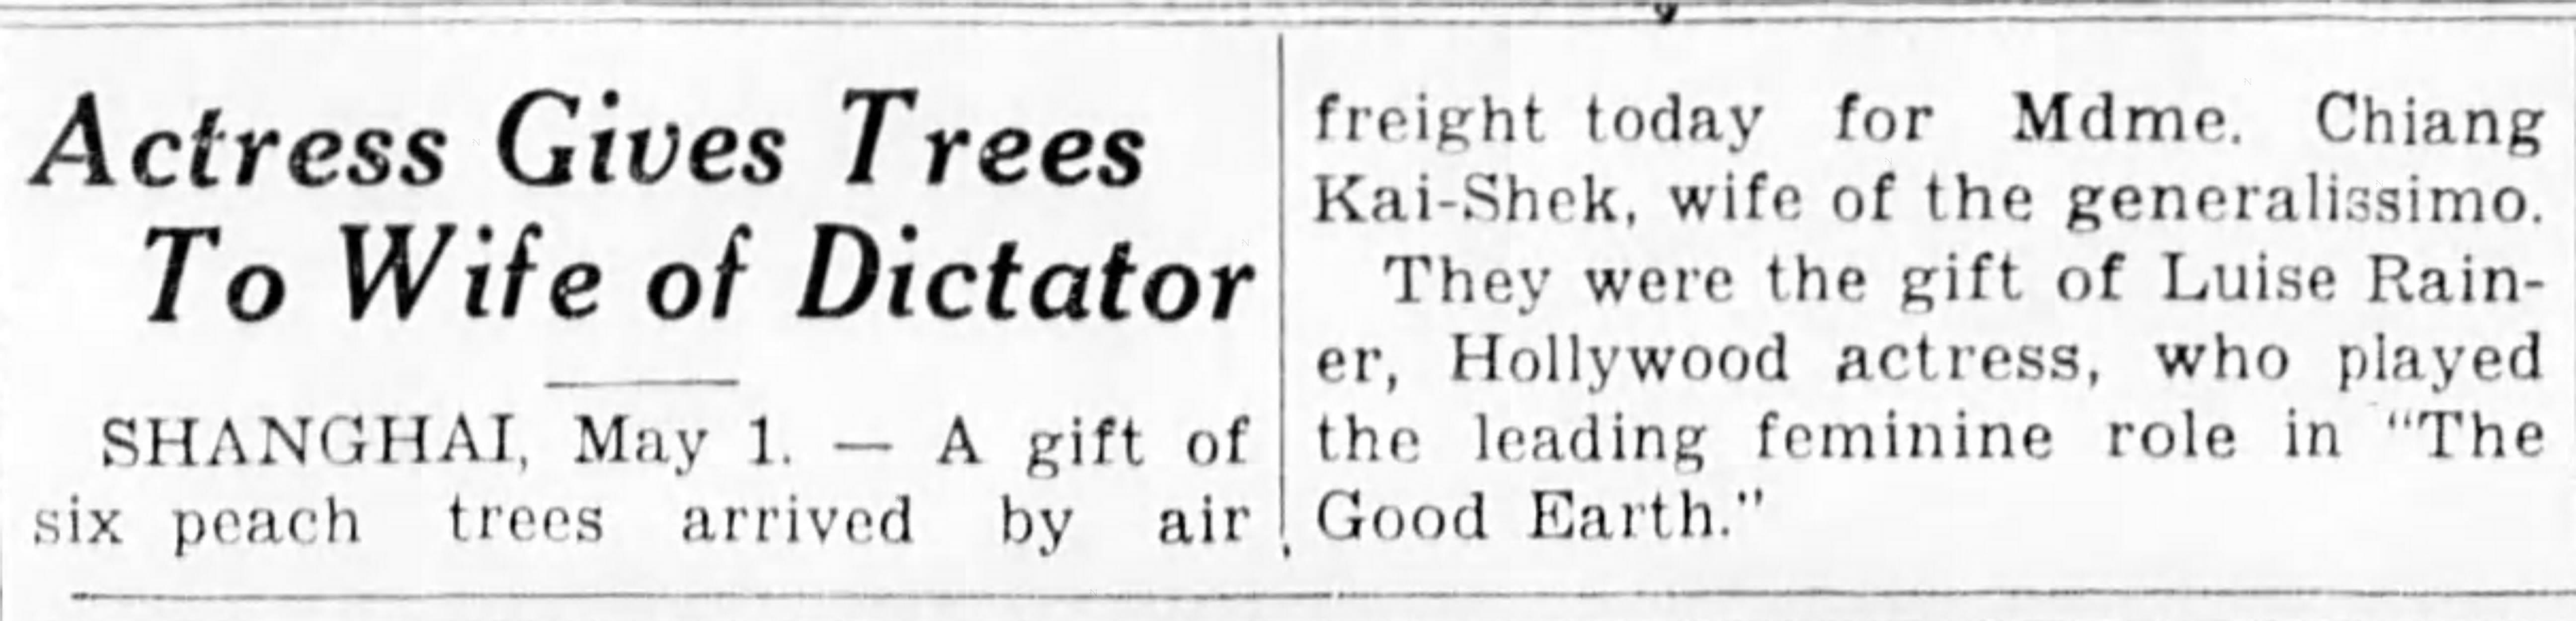 The_San_Bernardino_County_Sun_Sun__May_2__1937_